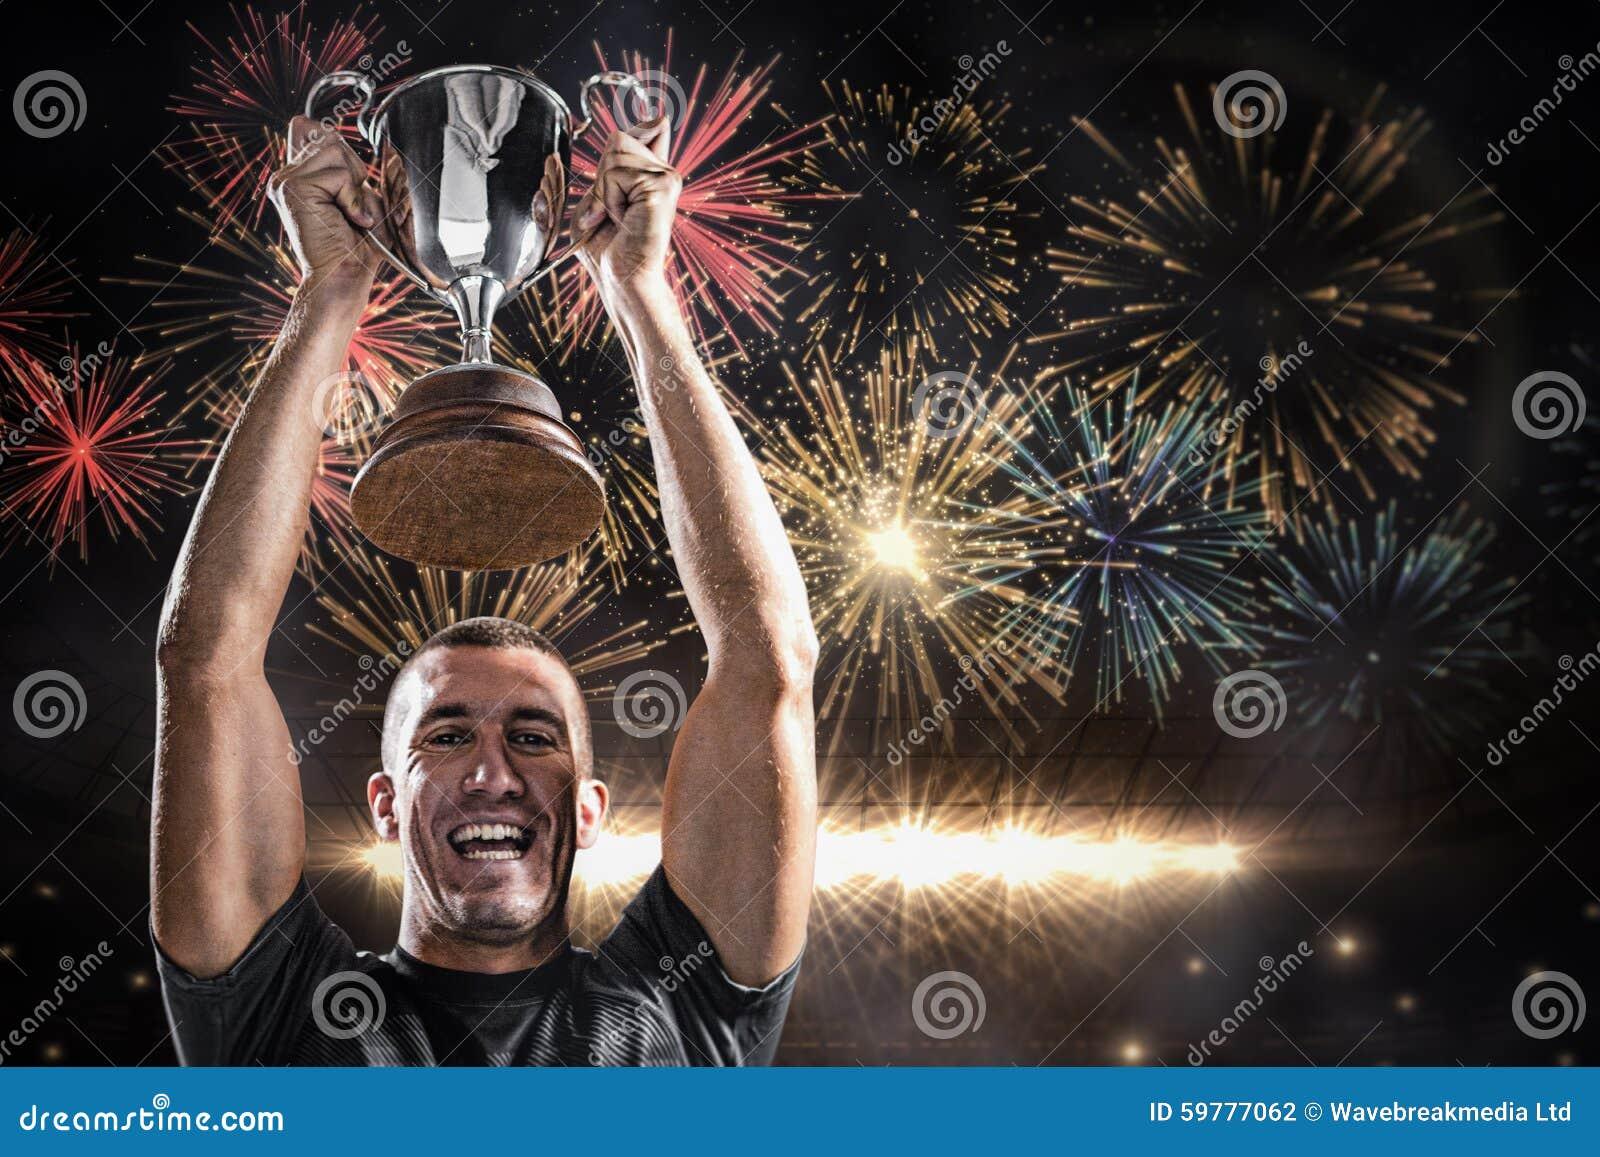 Imagen compuesta del retrato del jugador acertado del rugbi que celebra el trofeo